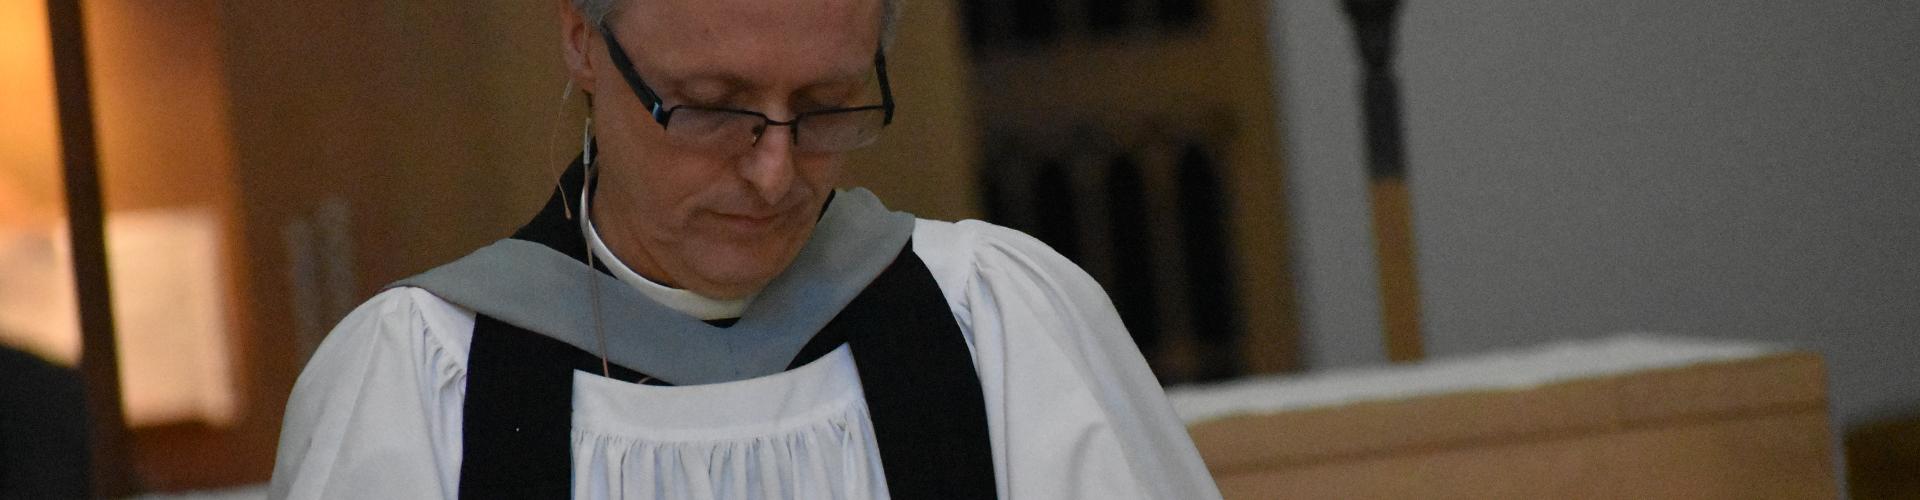 Markham praying